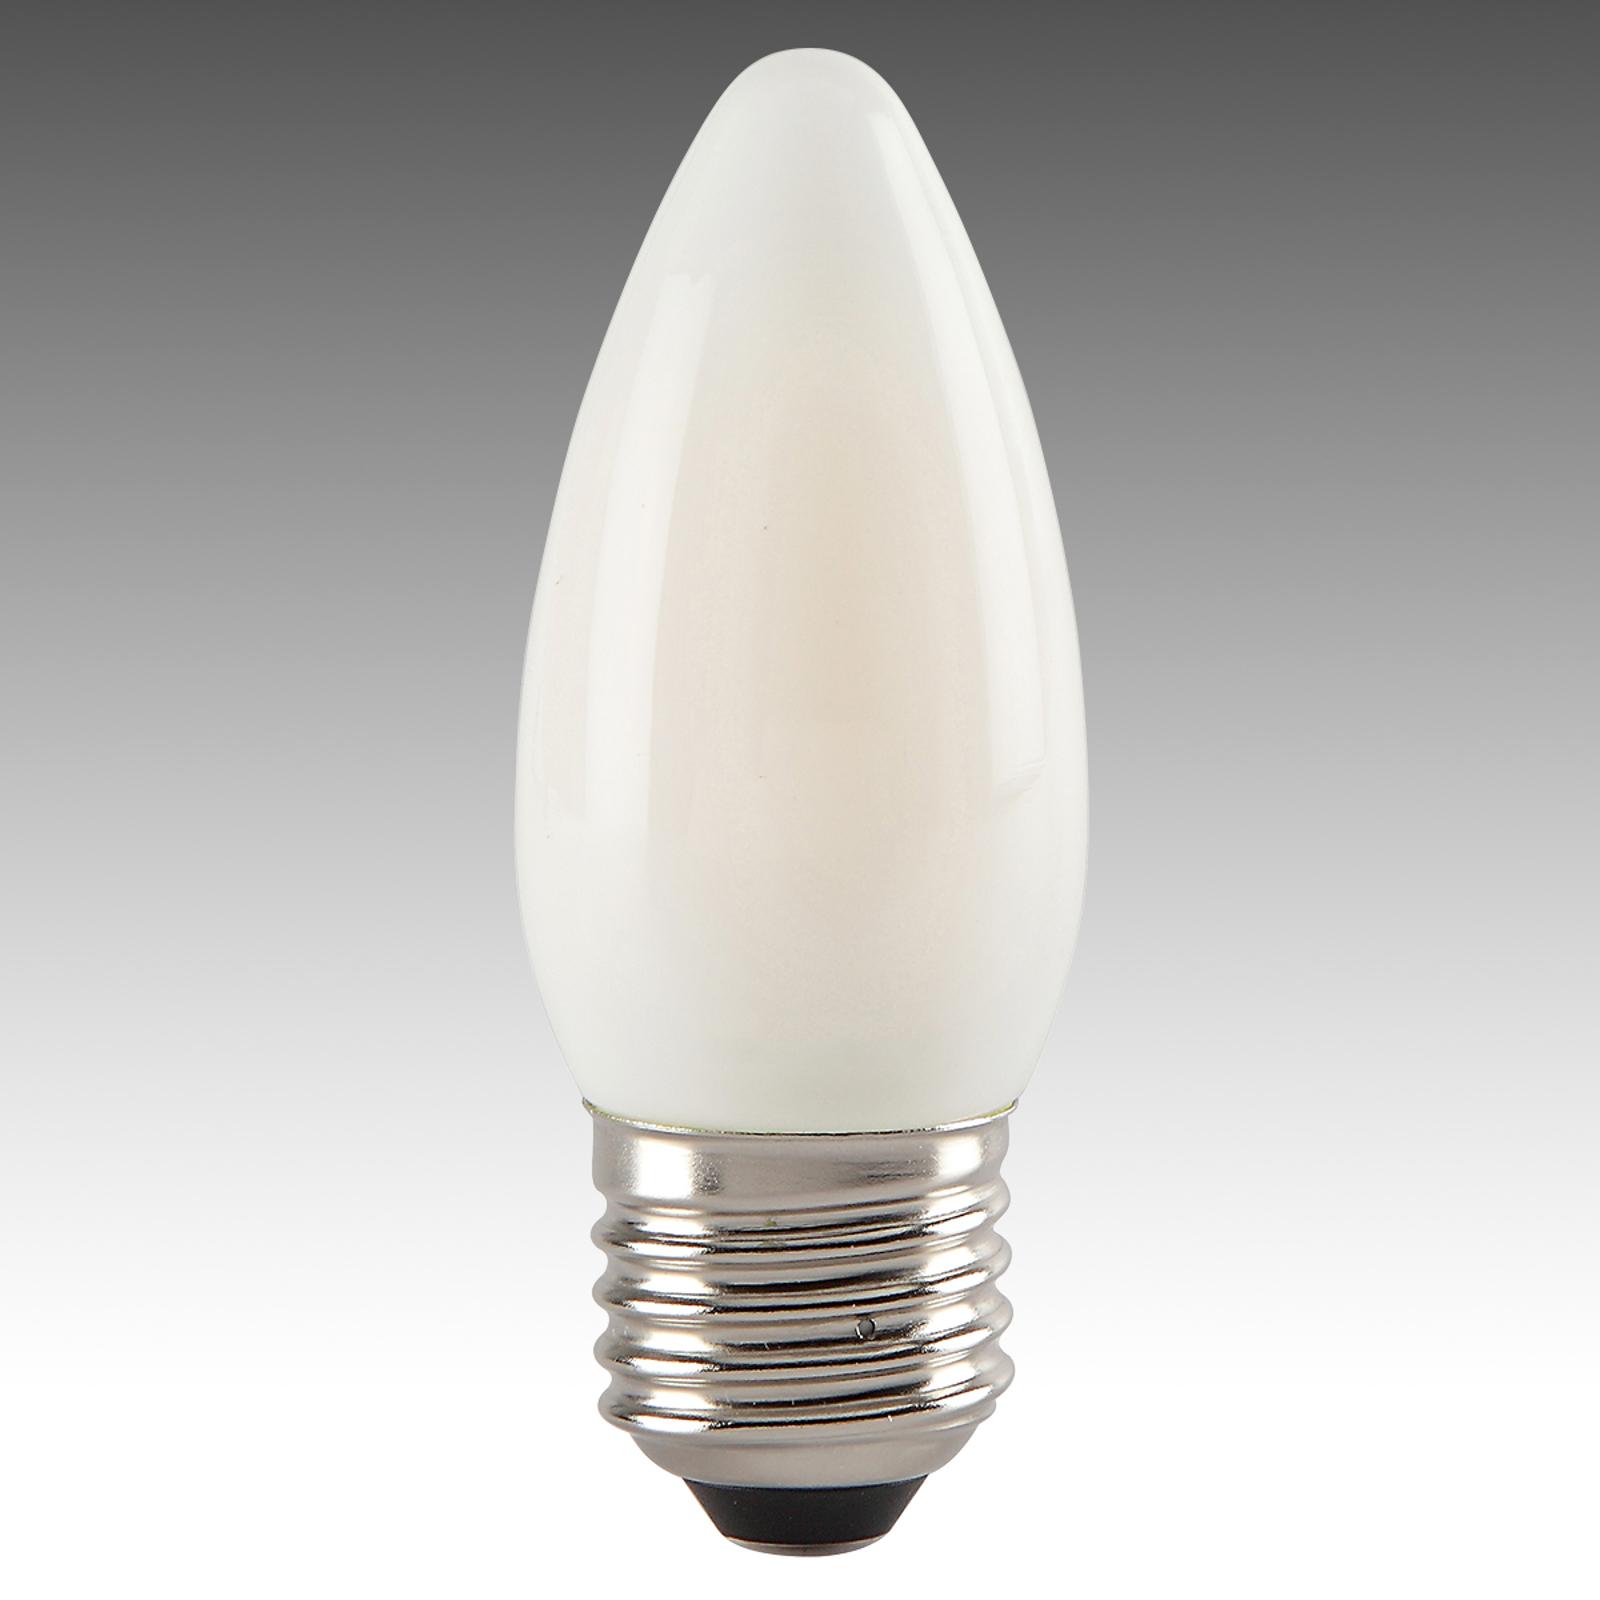 E27 4W 827 LED-Kerzenlampe satiniert